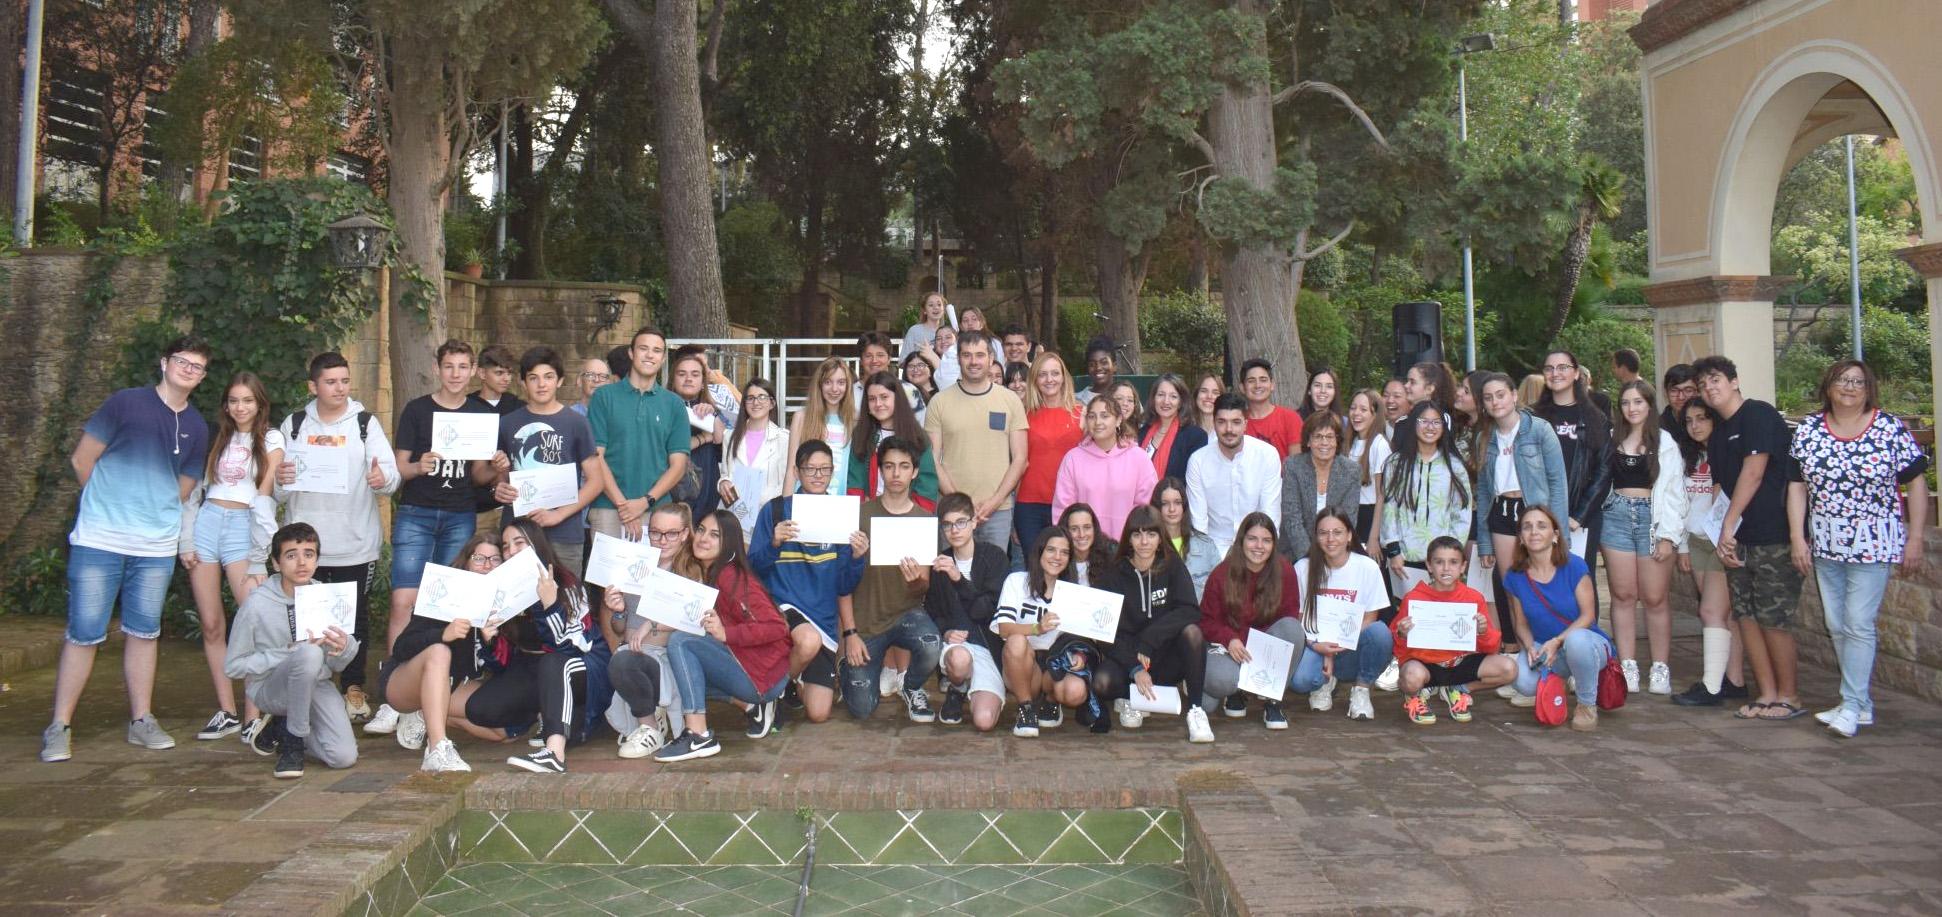 Foto de família de l'acte de lliurament de premis i diplomes